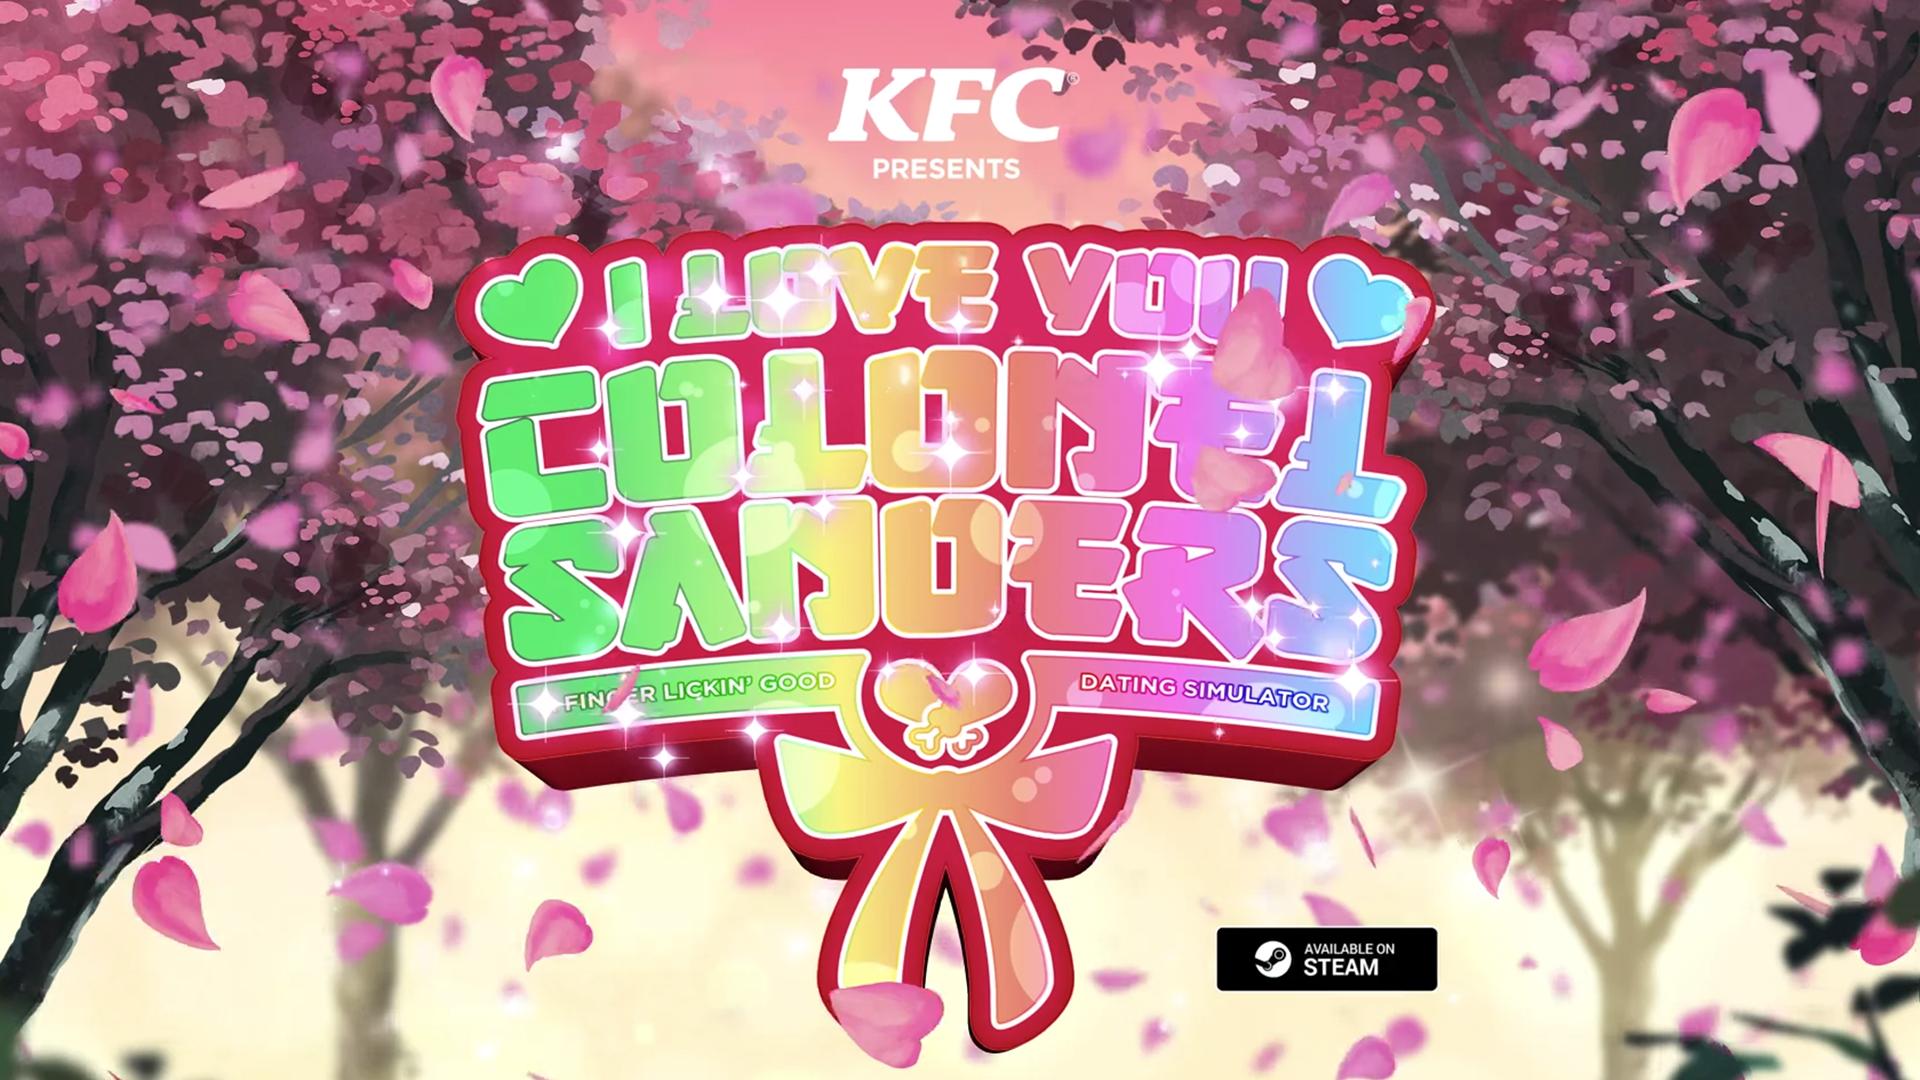 รักนี้ยิ่งใหญ่กว่าไก่ชุบแป้งทอด! KFC ปล่อยเกมจีบหนุ่มฟรี 24 กันยายน